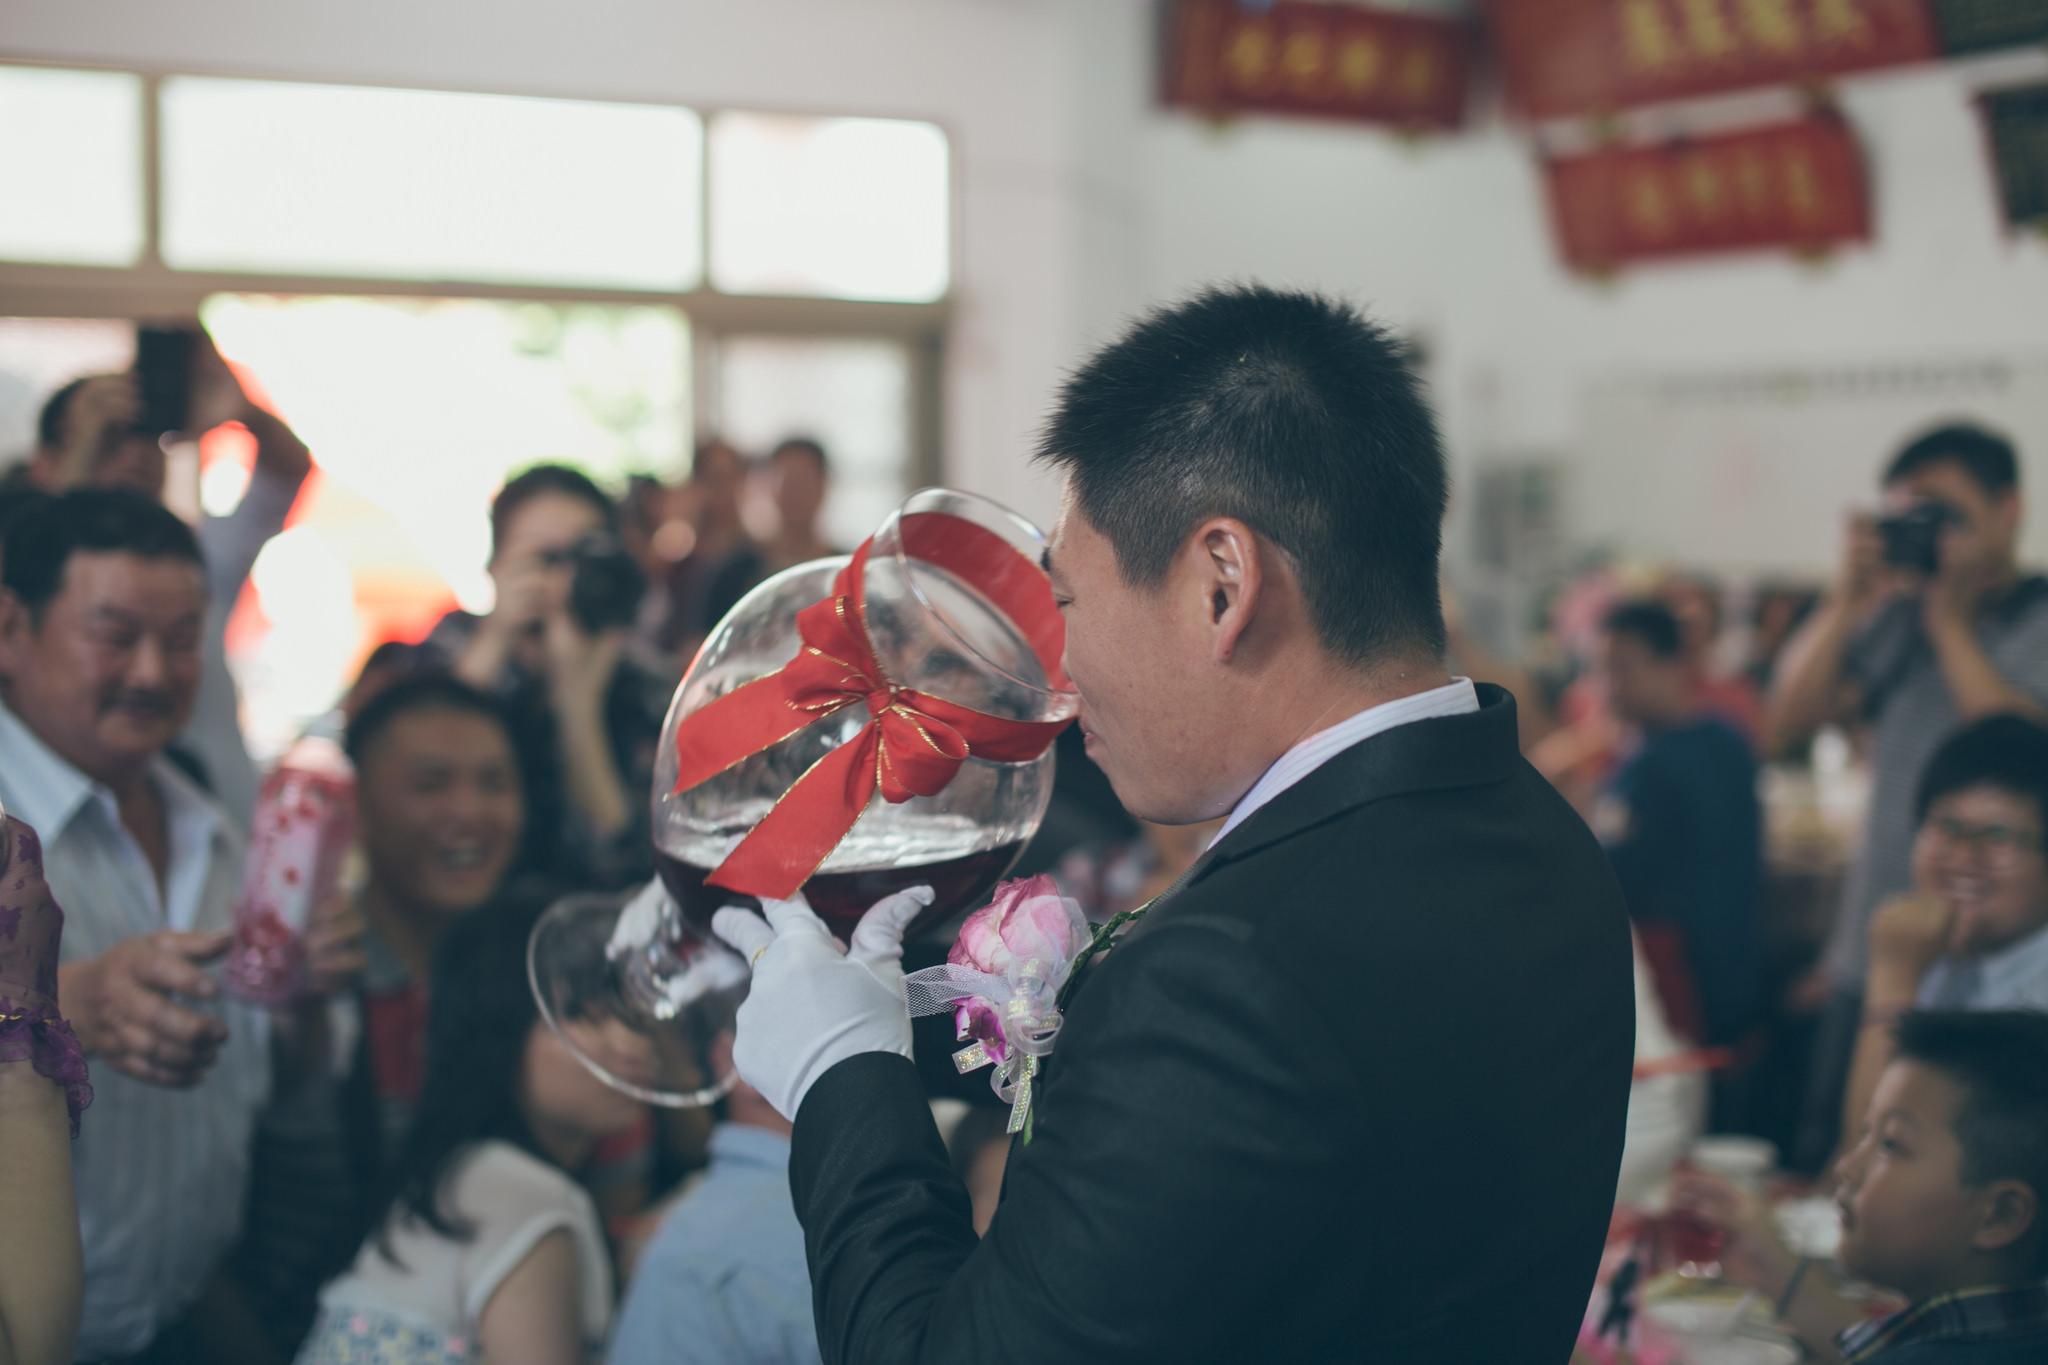 默默推薦婚攝,張默默,婚禮紀錄默默,推薦,momo婚禮-0056.jpg